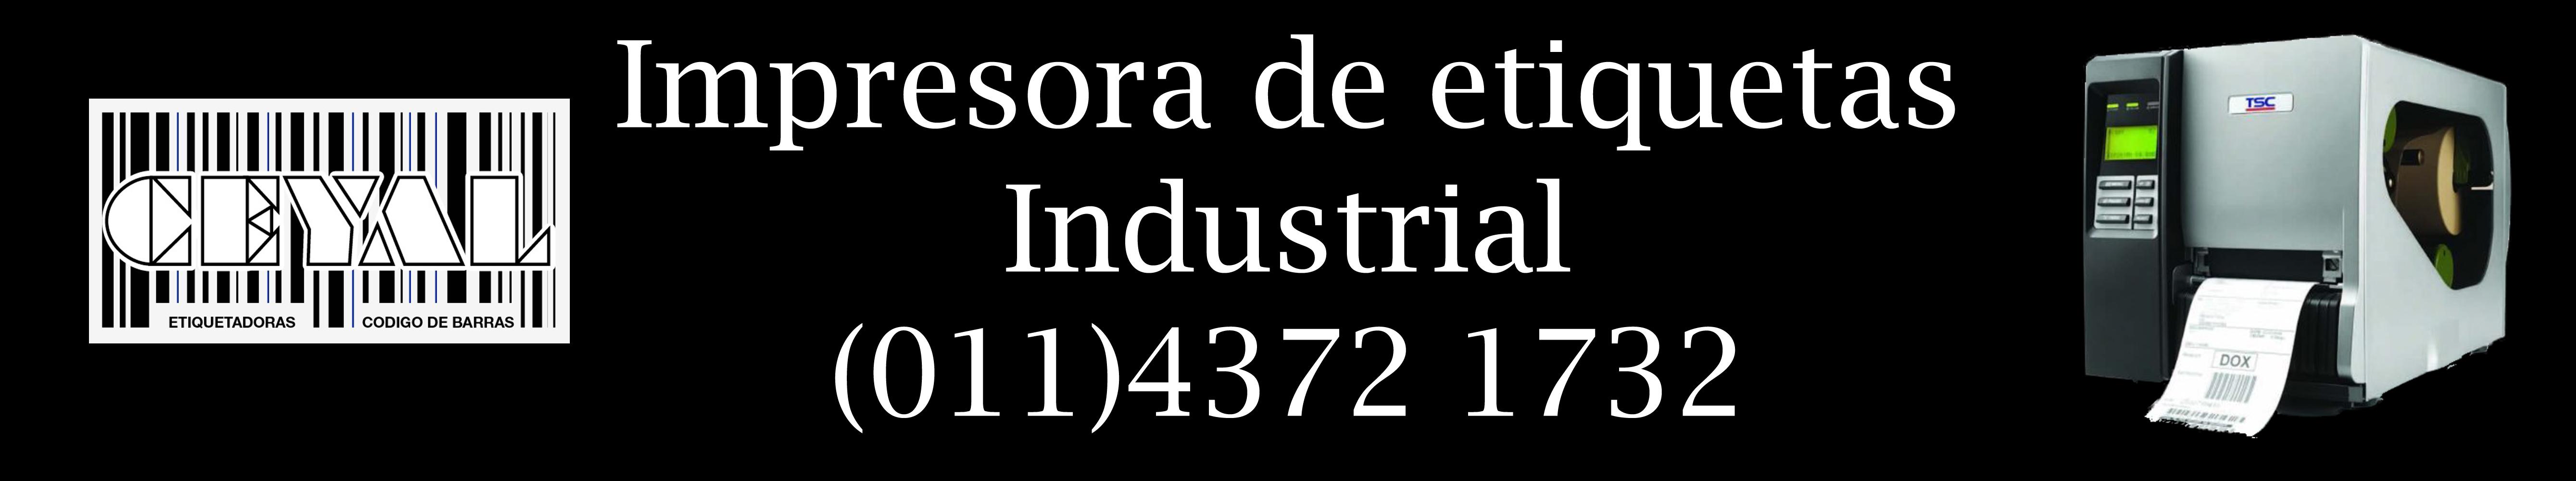 impresora de etiquetas industrial